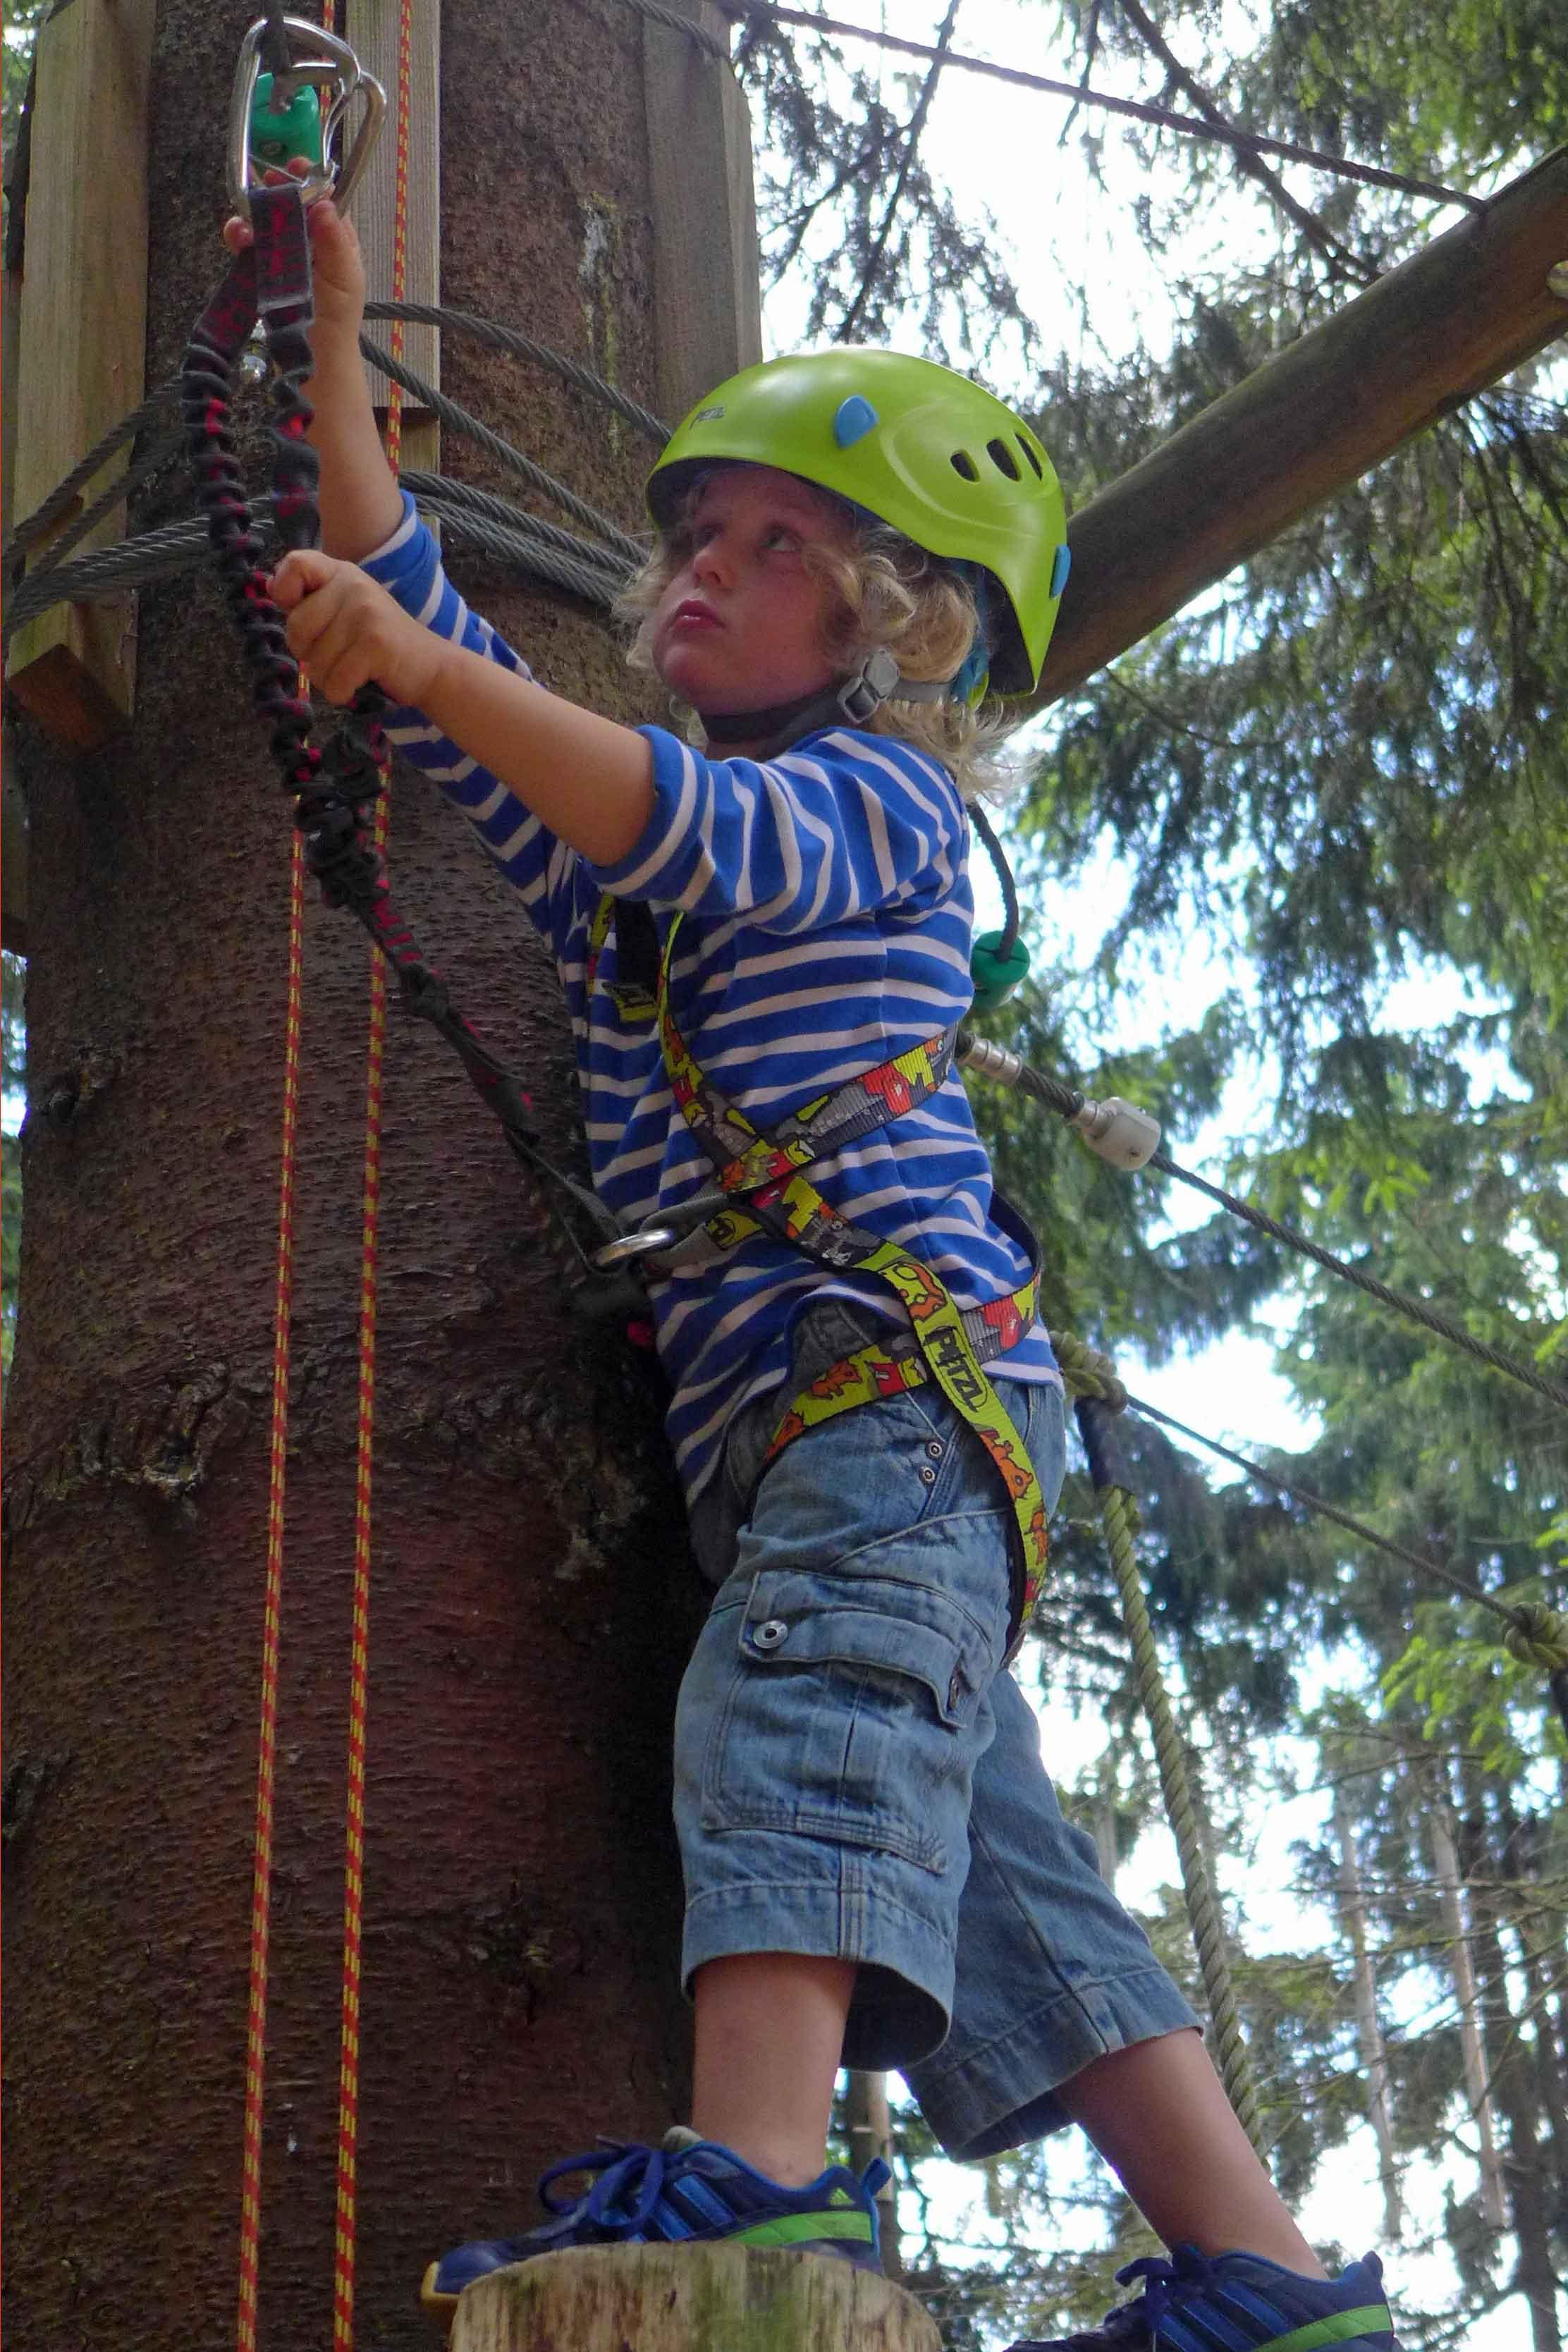 Cool auch für die KLeinsten, die sich im kletterwald St. Englmar mit voller Konzentration selber sichern